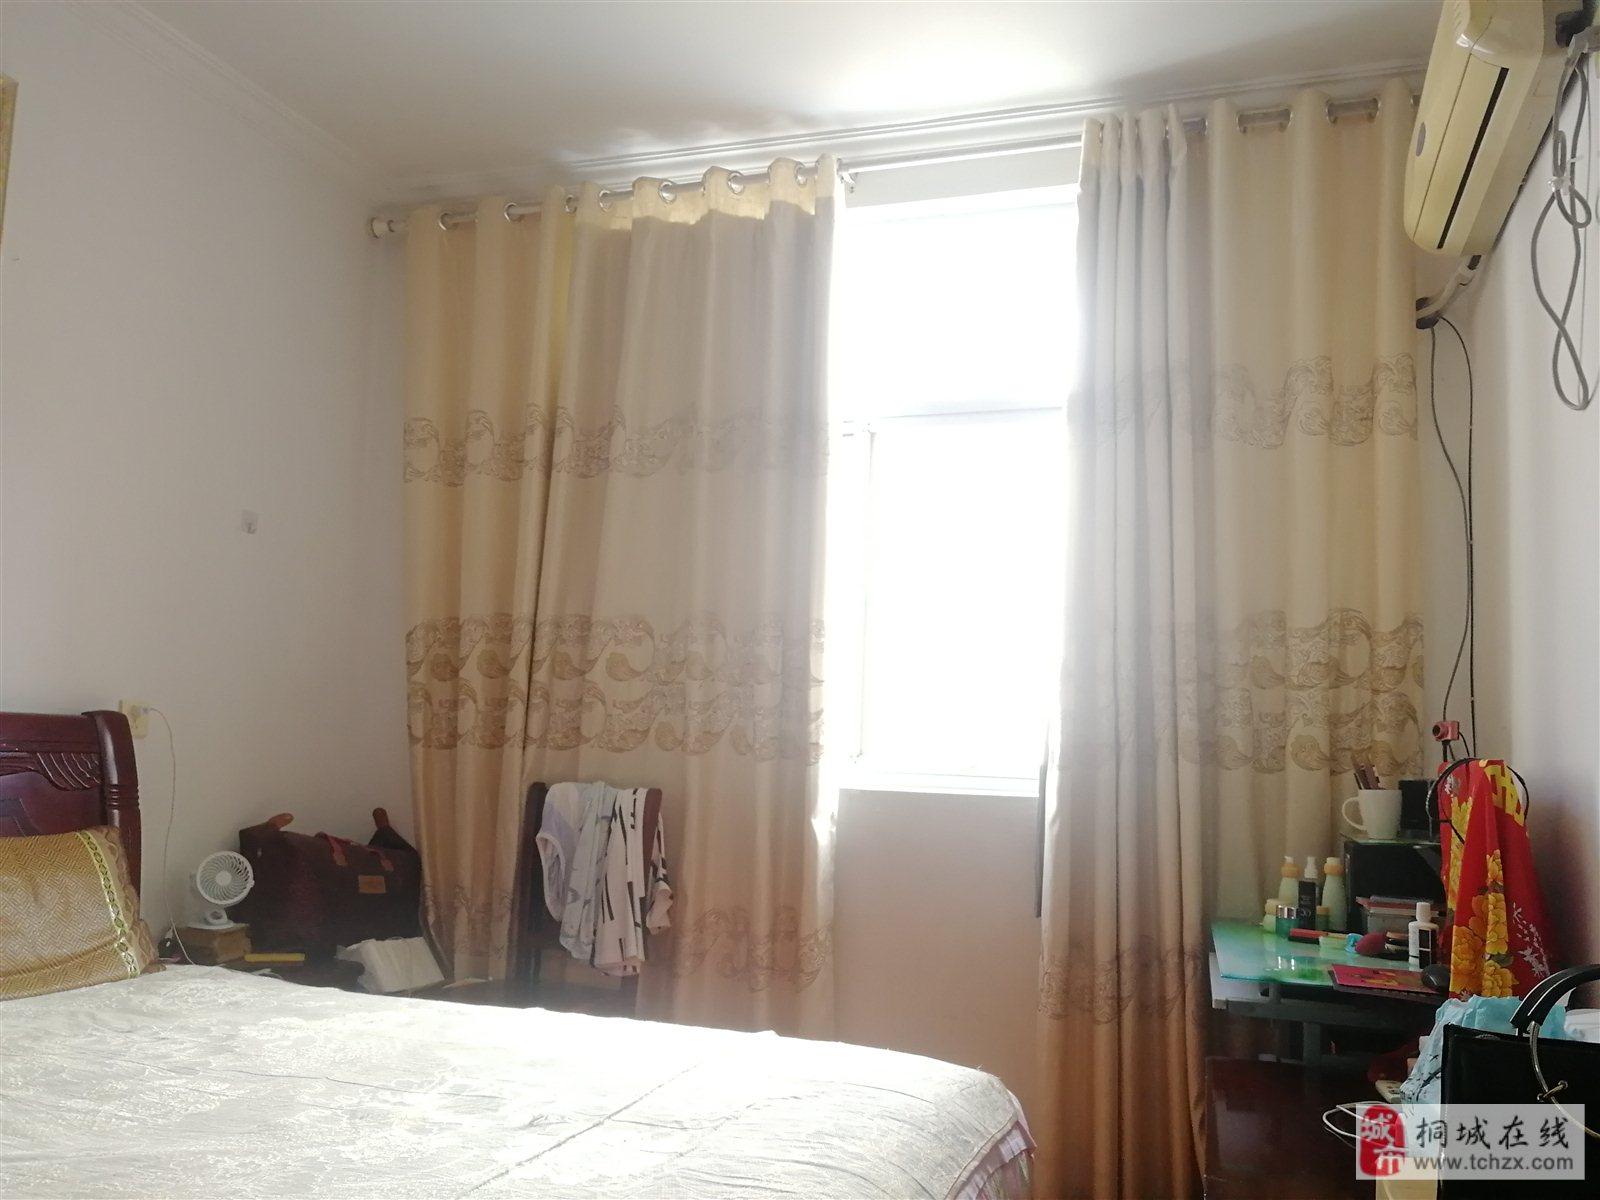 六尺巷对面市区最中心桐城西苑新村俩室特价好房